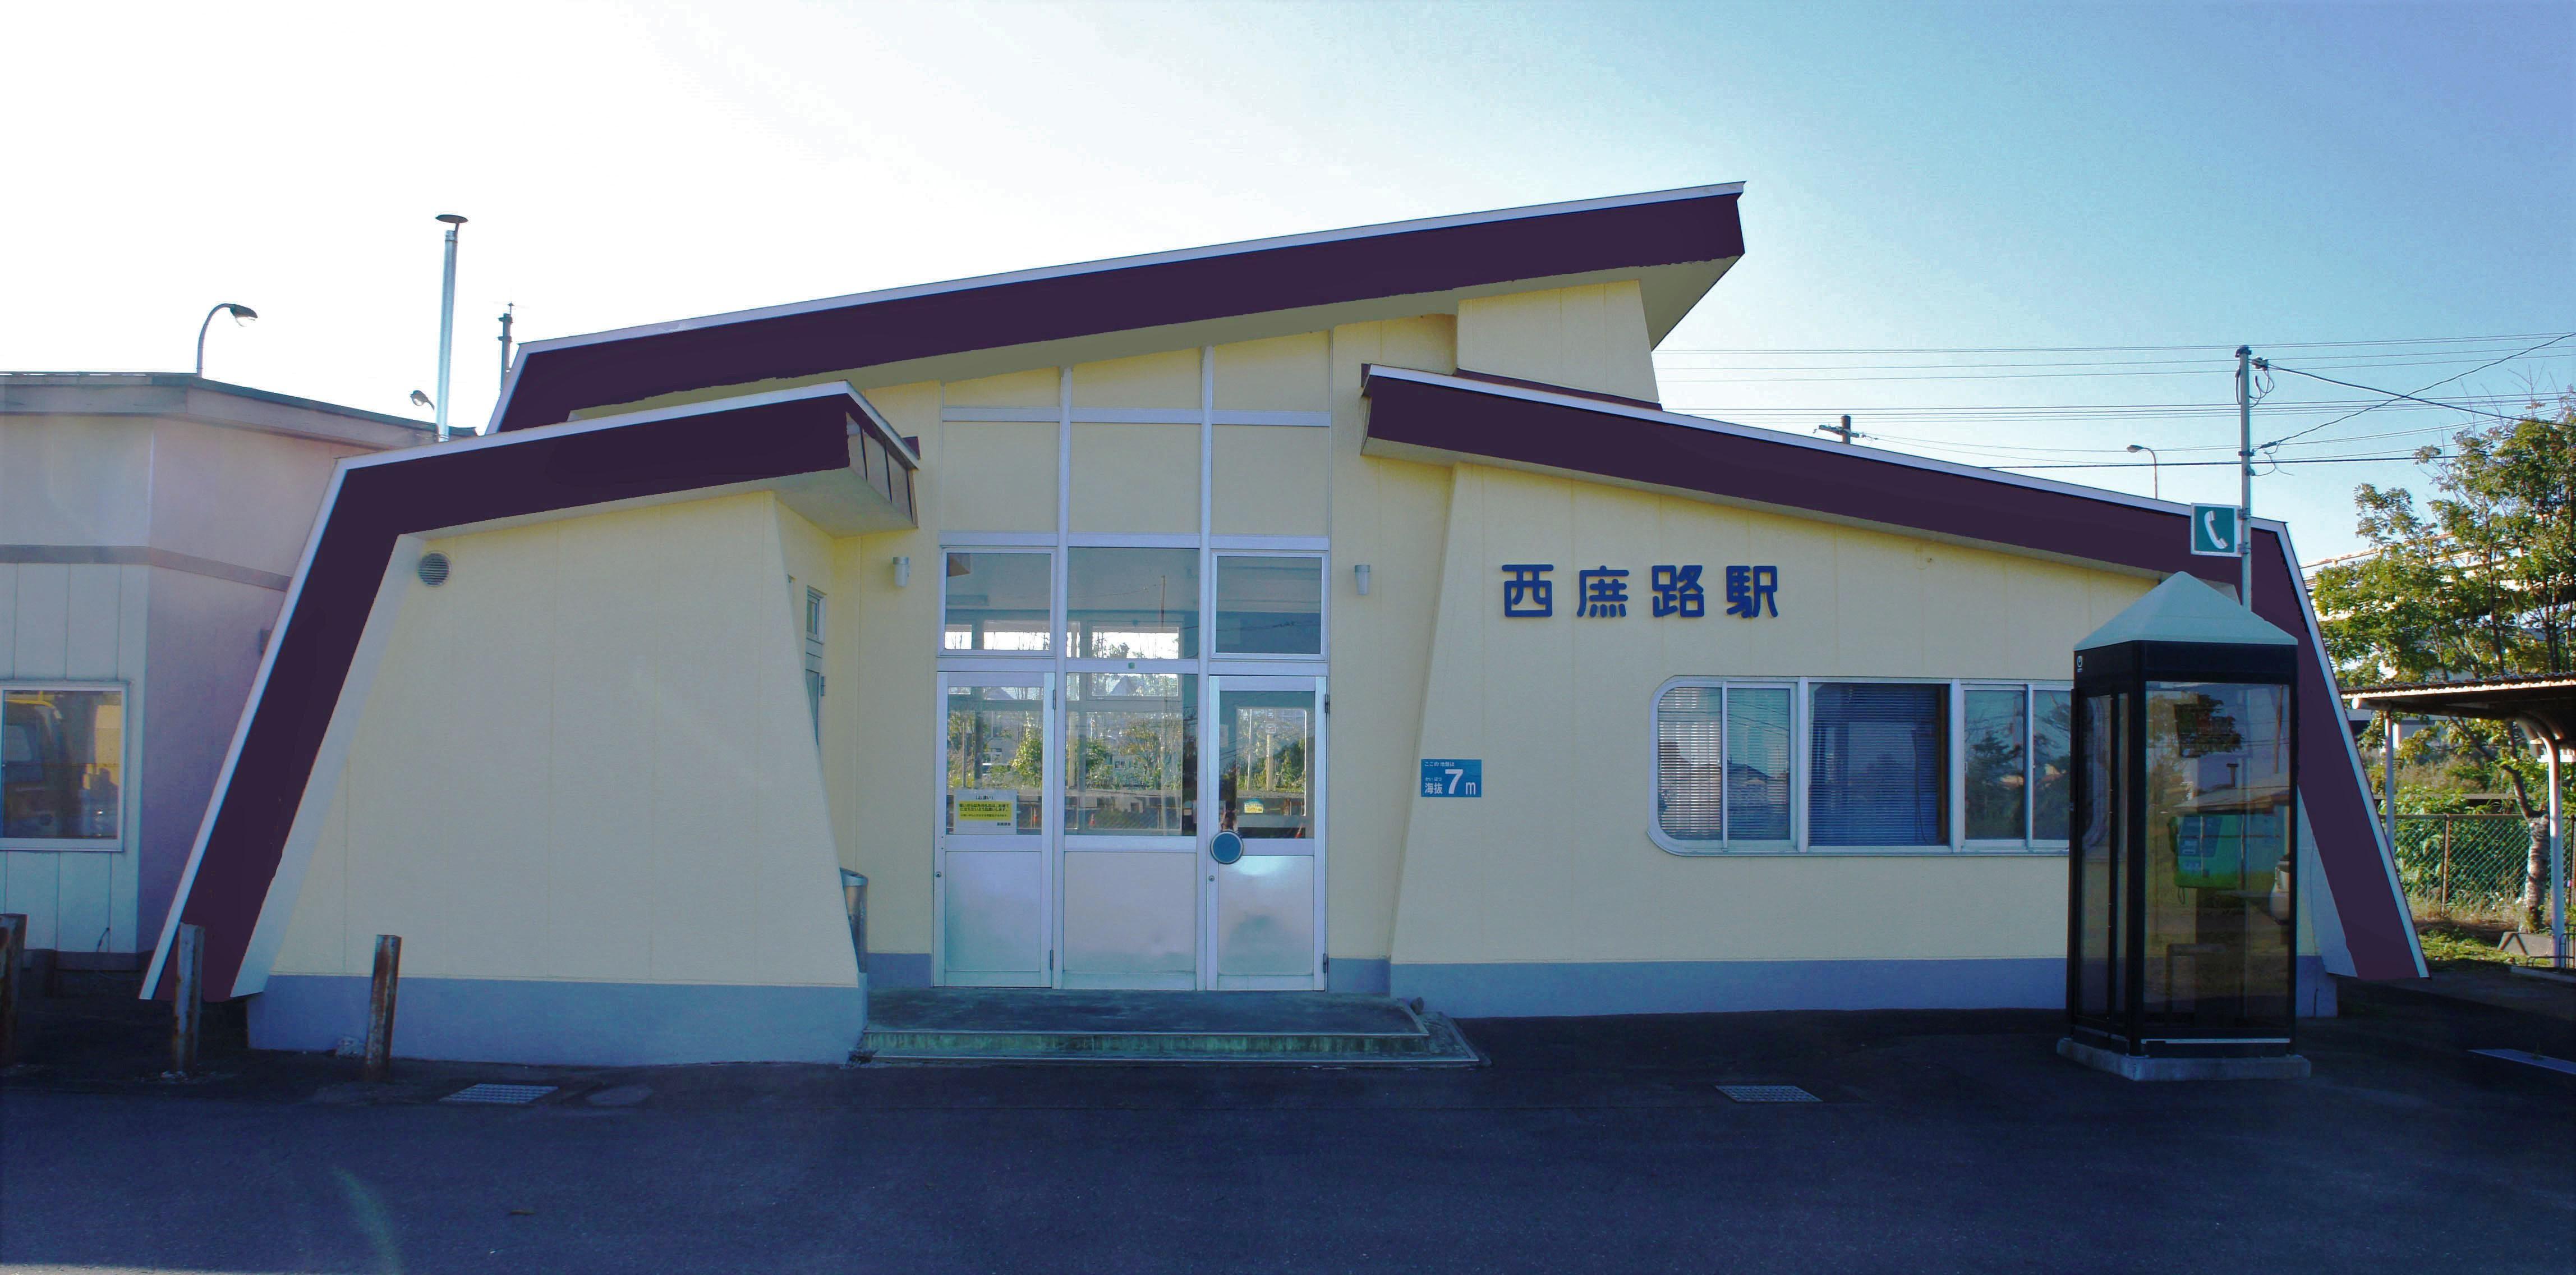 니시쇼로 역